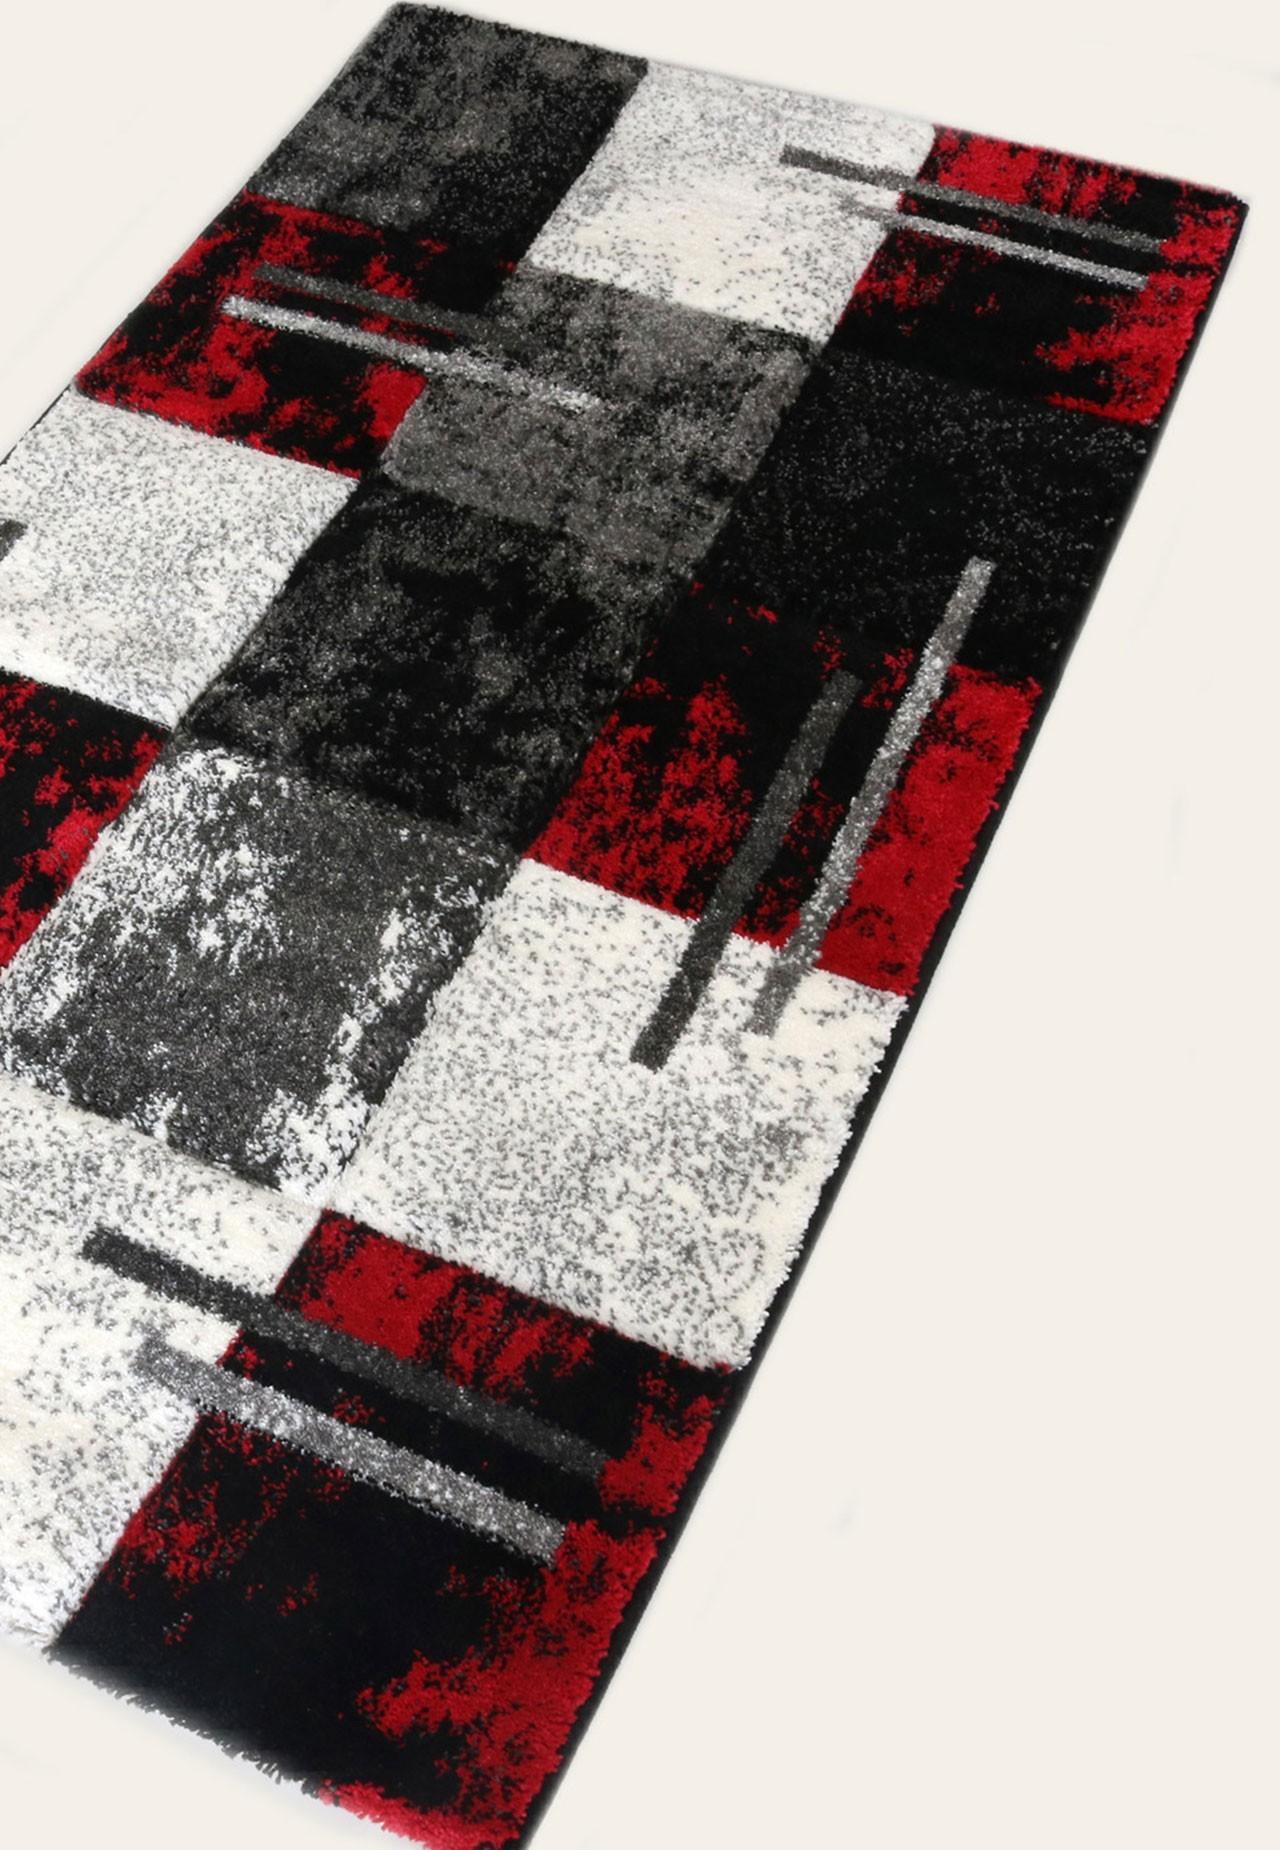 tapis rouge et gris moderne great tapis rouge noir tapis. Black Bedroom Furniture Sets. Home Design Ideas